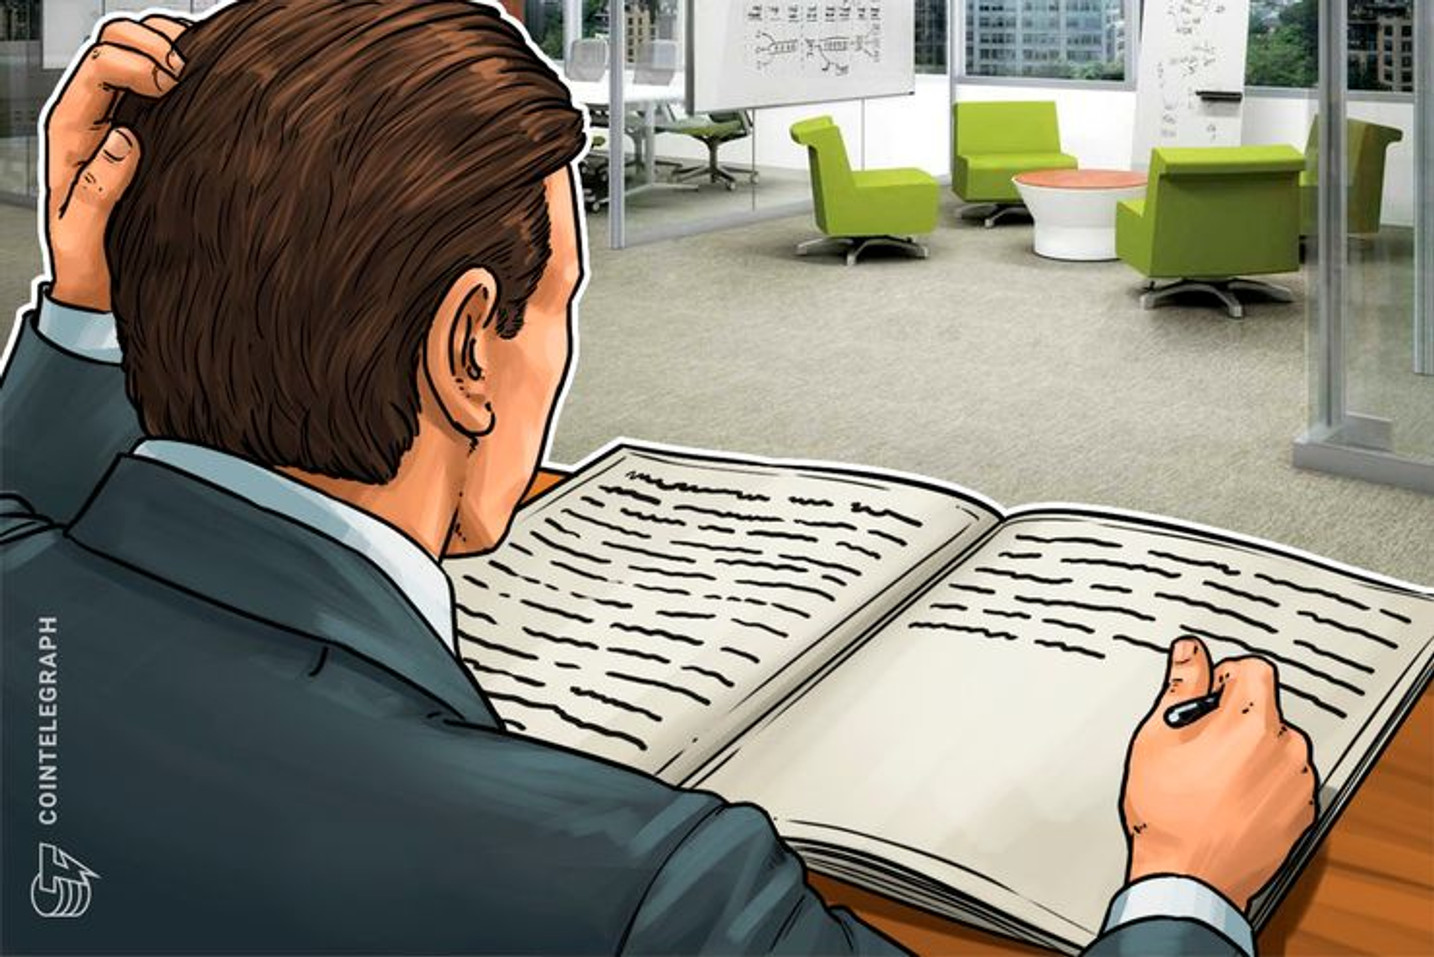 Europa: Informe de Joint Research Centre señala posibilidades de blockchain para intercambiar datos digitales